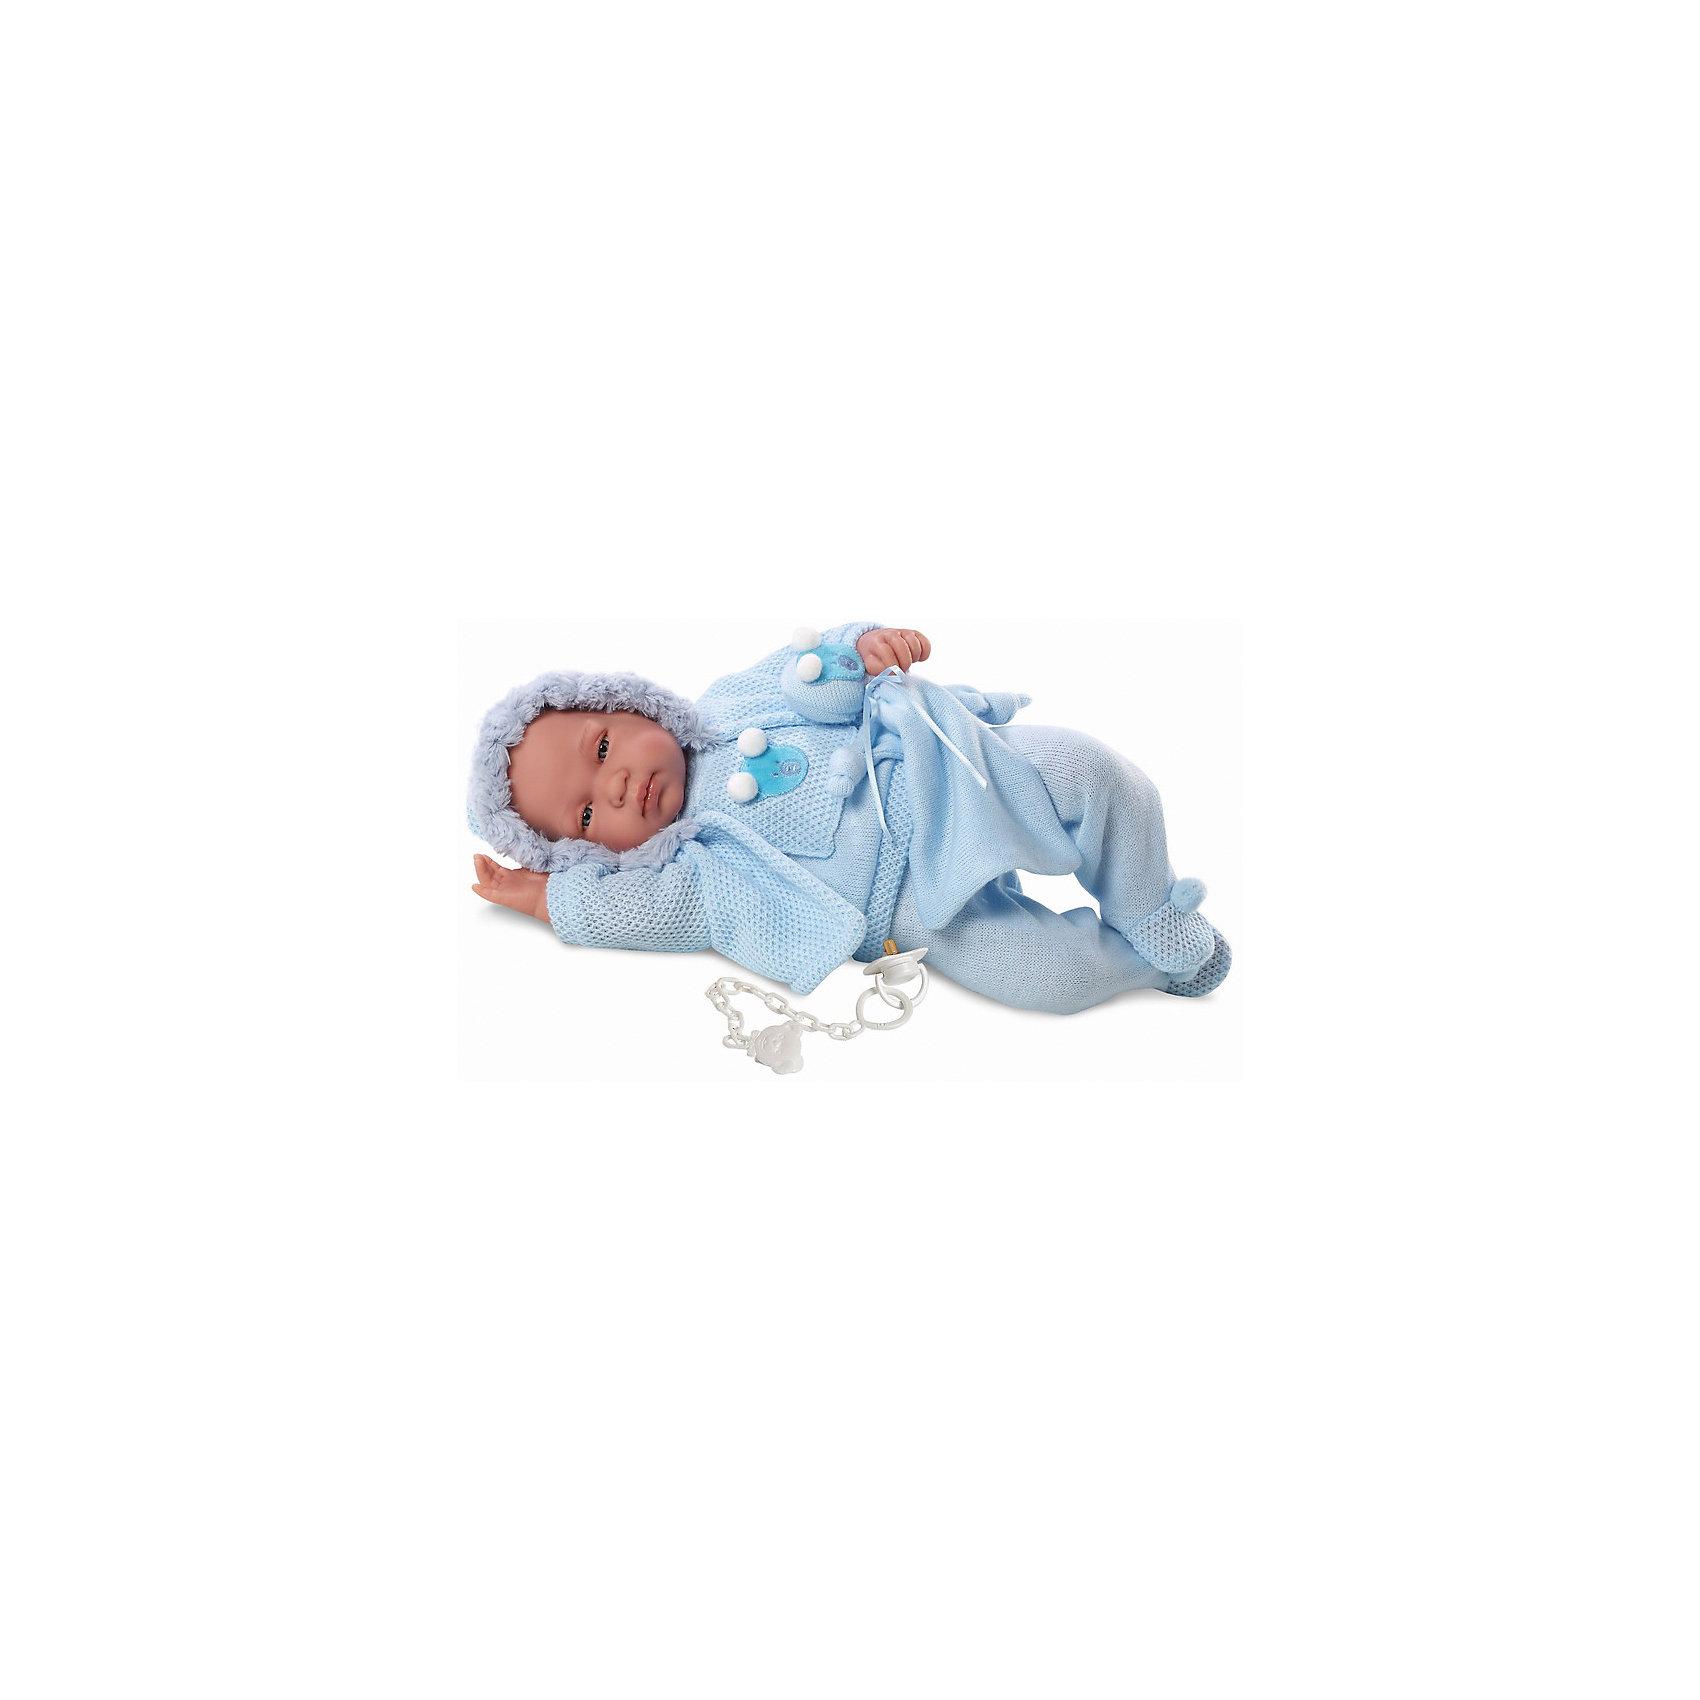 Пупс, 43 см, LlorensХарактеристики:<br><br>• Предназначение: для сюжетно-ролевых игр<br>• Тип куклы: мягконабивная<br>• Пол куклы: мальчик <br>• Волосы: прорисованные<br>• Материал: поливинилхлорид, пластик, текстиль<br>• Цвет: голубой<br>• Высота куклы: 43 см<br>• Комплектация: кукла, кофточка, шортики, чепчик, носочки, одеяло, соска с держателем<br>• Вес: 1 кг 400 г<br>• Звуковые эффекты: плачет, произносит мама и папа<br>• Батарейки: з шт. типа AG13/LR44 (предусмотрены в комплекте)<br>• Размеры упаковки (Д*В*Ш): 23*46*13 см<br>• Упаковка: подарочная картонная коробка <br>• Особенности ухода: допускается деликатная стирка без использования красящих и отбеливающих средств предметов одежды куклы<br><br>Кукла младенец 43 см – пупс, производителем которого является всемирно известный испанский кукольный бренд Llorens. Куклы этой торговой марки имеют свою неповторимую внешность и целую линейку образов как пупсов, так и кукол-малышей. Игрушки выполнены из сочетания поливинилхлорида и пластика, что позволяет с высокой долей достоверности воссоздать физиологические и мимические особенности маленьких детей. При изготовлении кукол Llorens используются только сертифицированные материалы, безопасные и не вызывающие аллергических реакций. Волосы у кукол-пупсов прорисованные; ручки и ножки двигаются.<br>Кукла младенец 43 см выполнена в образе малыша: голубые глазки и пухлые щечки создают невероятно очаровательный и милый образ. В комплект одежды входит костюмчик, состоящий из кофточки с аппликацией, ползунков и верхней кофточки с капюшоном, выполненной ажурной вязкой. Младенец умеет плакать, а также говорить мама и папа. В наборе имеется соска с держателем.<br>Кукла младенец 43 см – это идеальный вариант для подарка к различным праздникам и торжествам.<br><br>Куклу младенца 43 см можно купить в нашем интернет-магазине.<br><br>Ширина мм: 23<br>Глубина мм: 46<br>Высота мм: 13<br>Вес г: 1400<br>Возраст от месяцев: 36<br>Возраст до месяцев: 84<br>Пол: Женский<br>Возраст: Детский<br